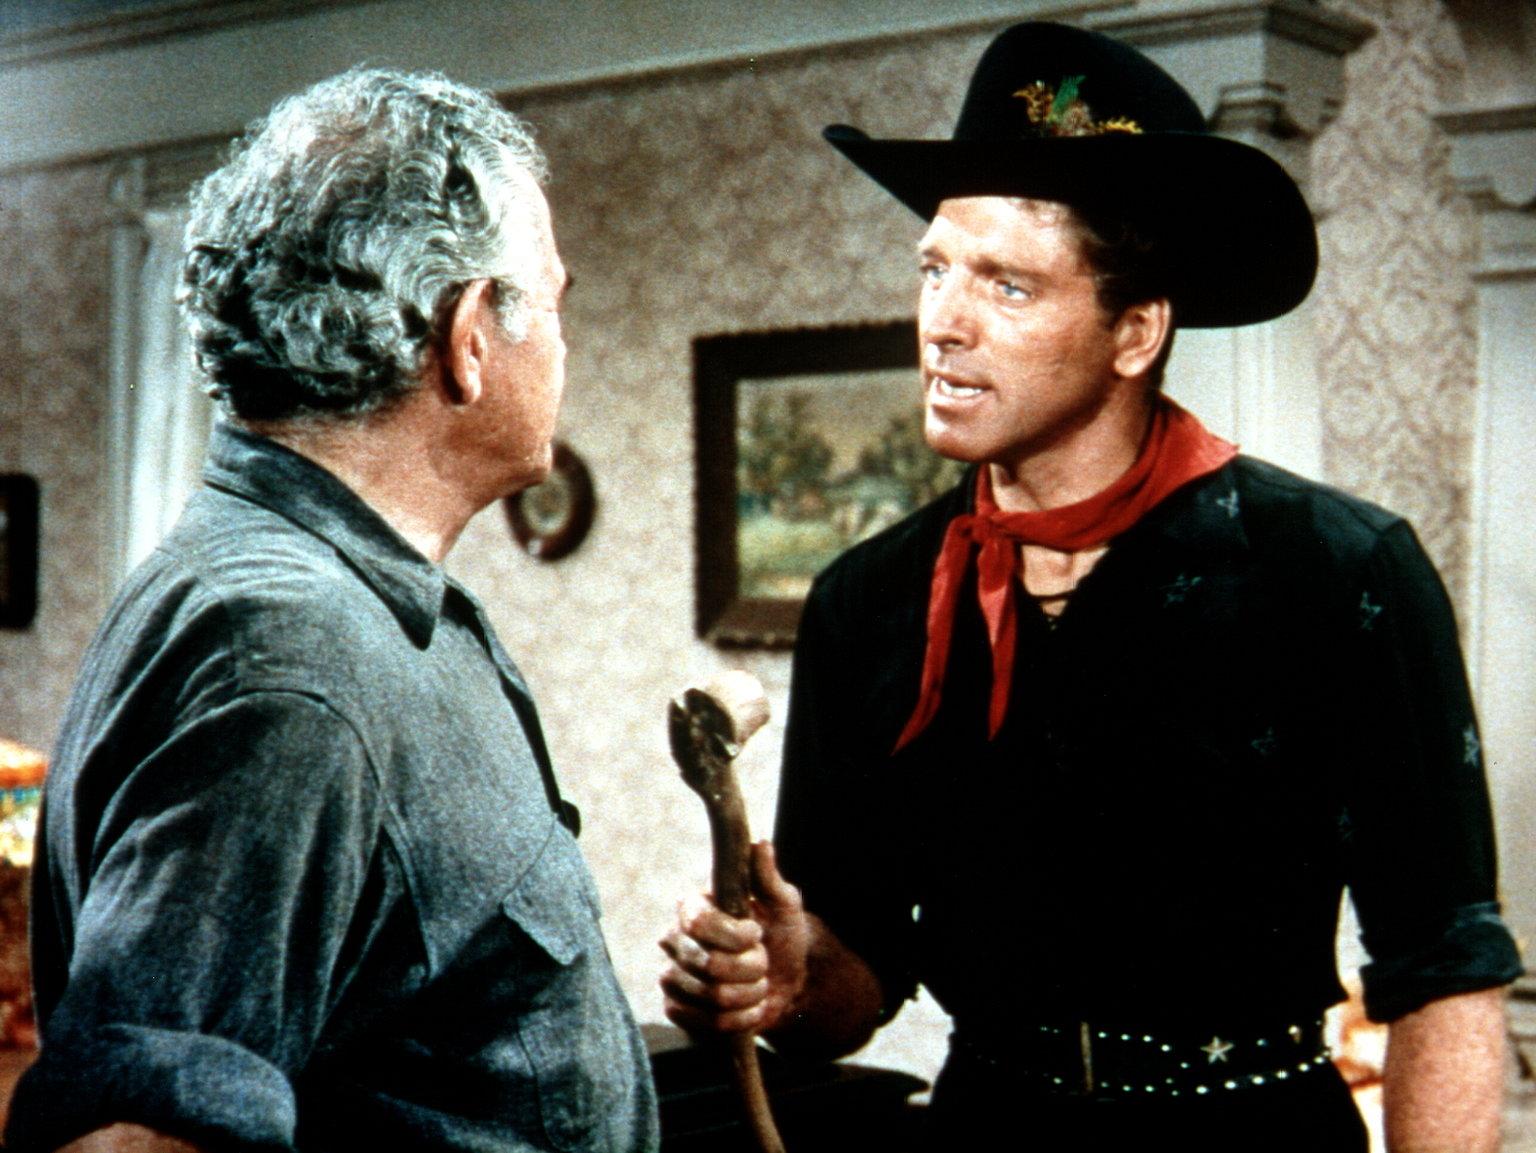 H.C. Curry (Cameron Prud'Homme, l.) ist beeindruckt, als Billy Starbuck (Burt Lancaster, r.) ihm verspricht, es innerhalb der nächsten 24 Stunden Regnen zu lassen… – Bild: 1967, renewed 1995 Pax Enterprises, Inc. All Rights Reserved. Lizenzbild frei